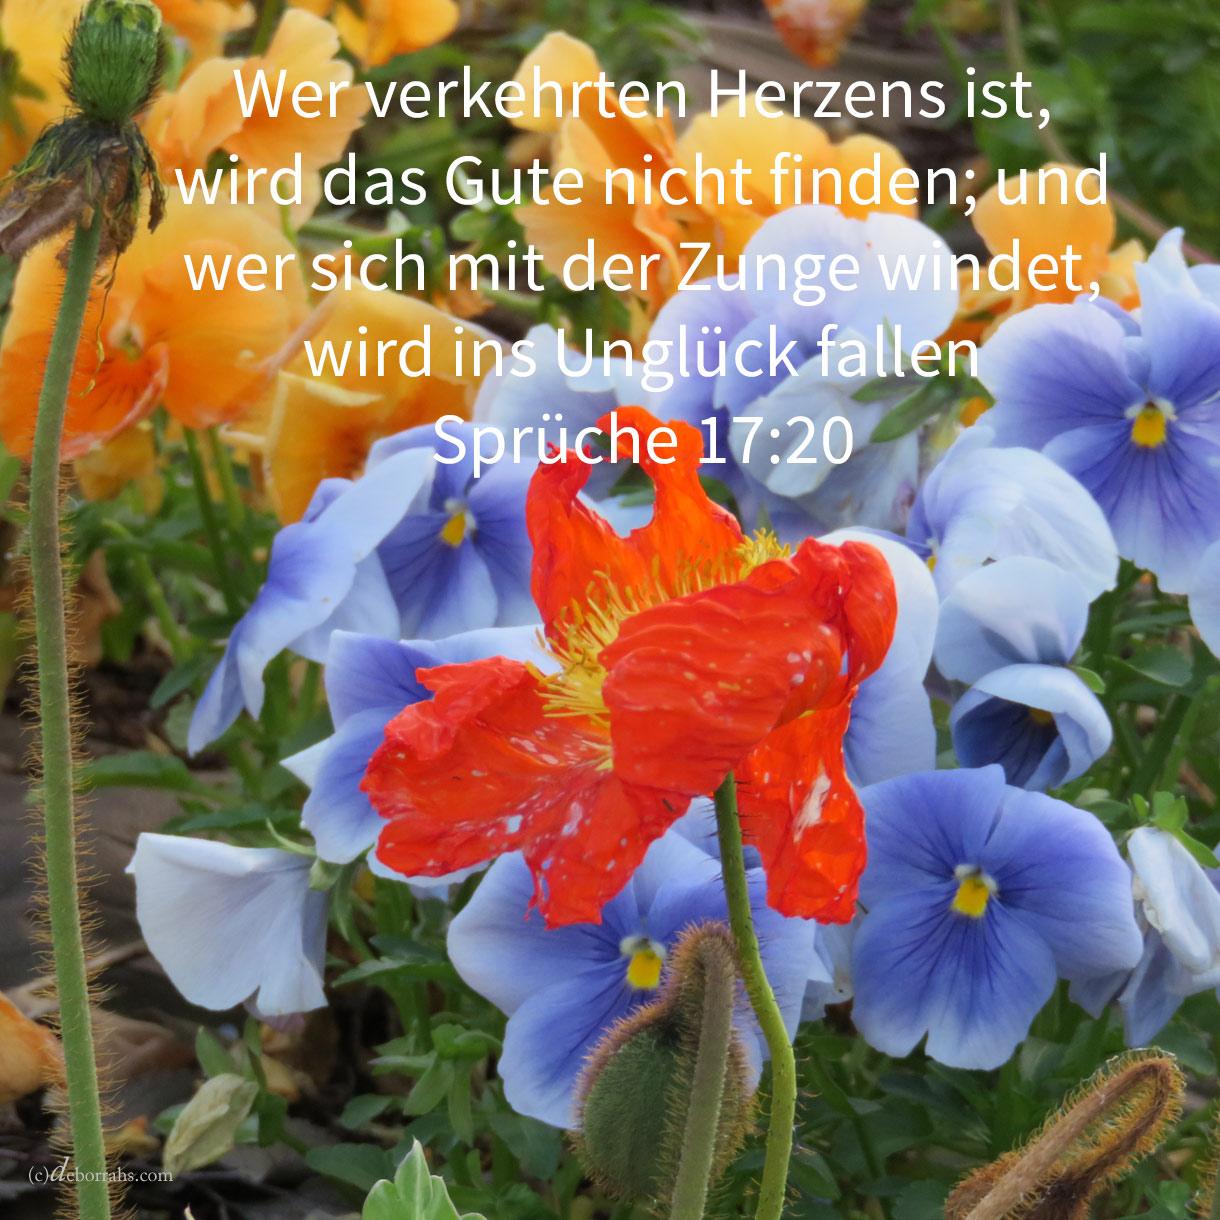 Wer verkehrten Herzens ist, wird das Gute nicht finden; und wer sich mit seiner Zunge windet, wird ins Unglück fallen ( Spr 17,20 )